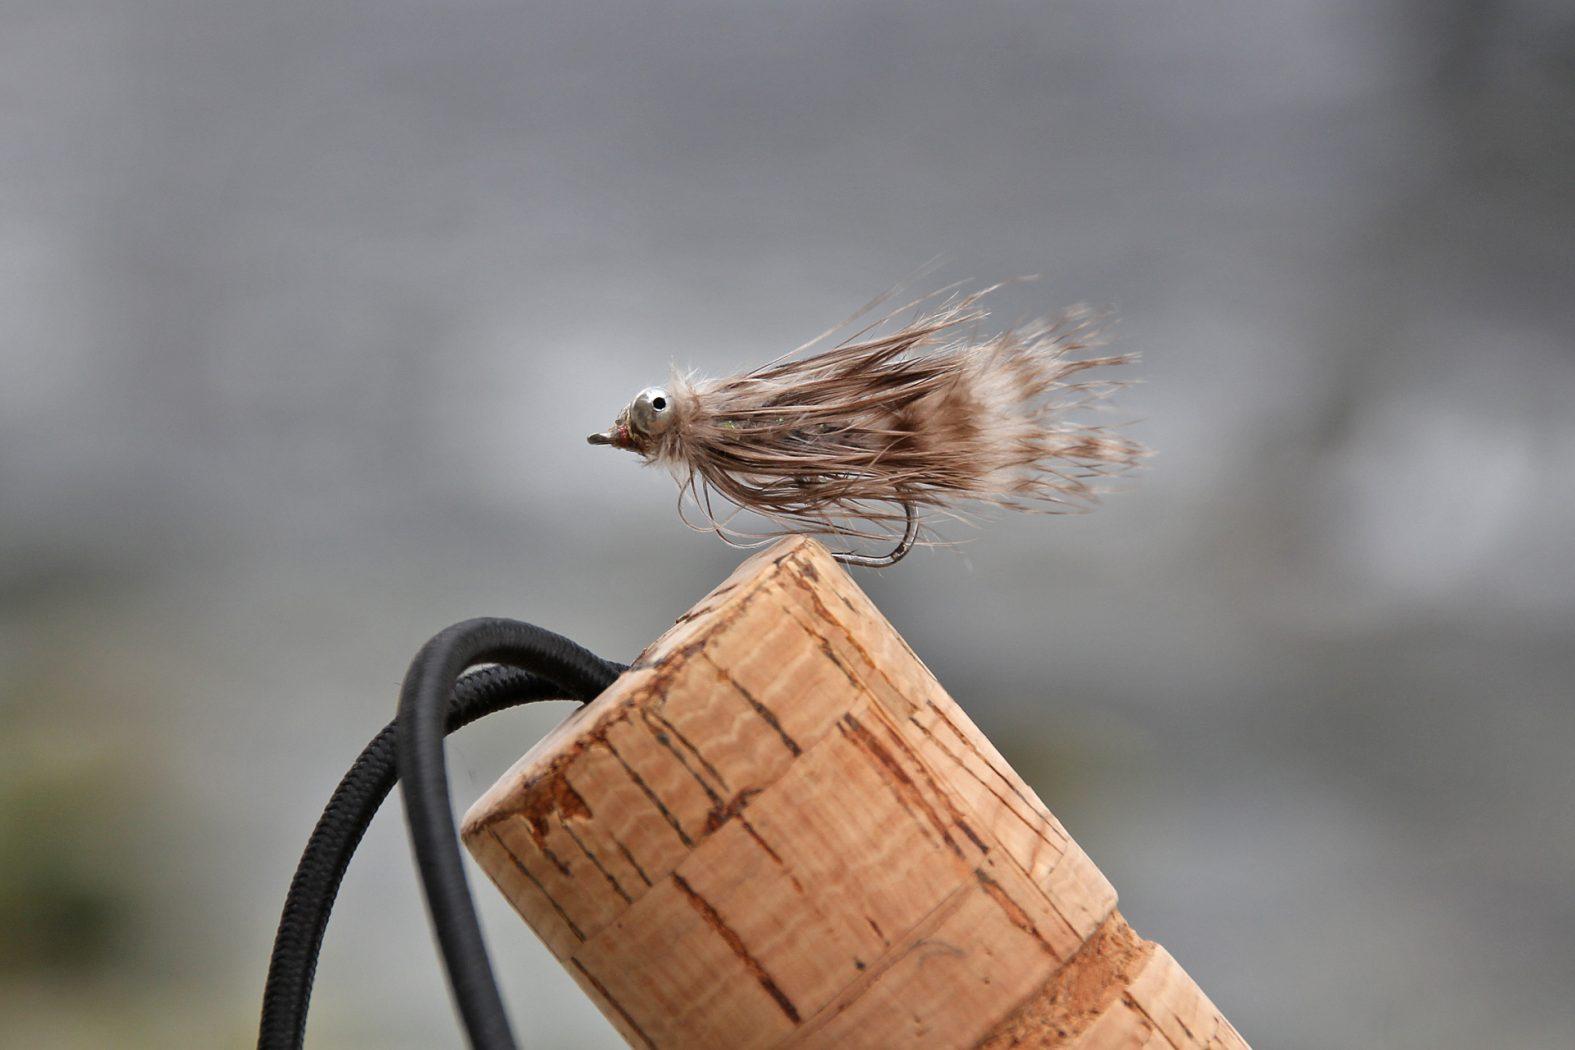 Meerforellenfliege für den Herbst